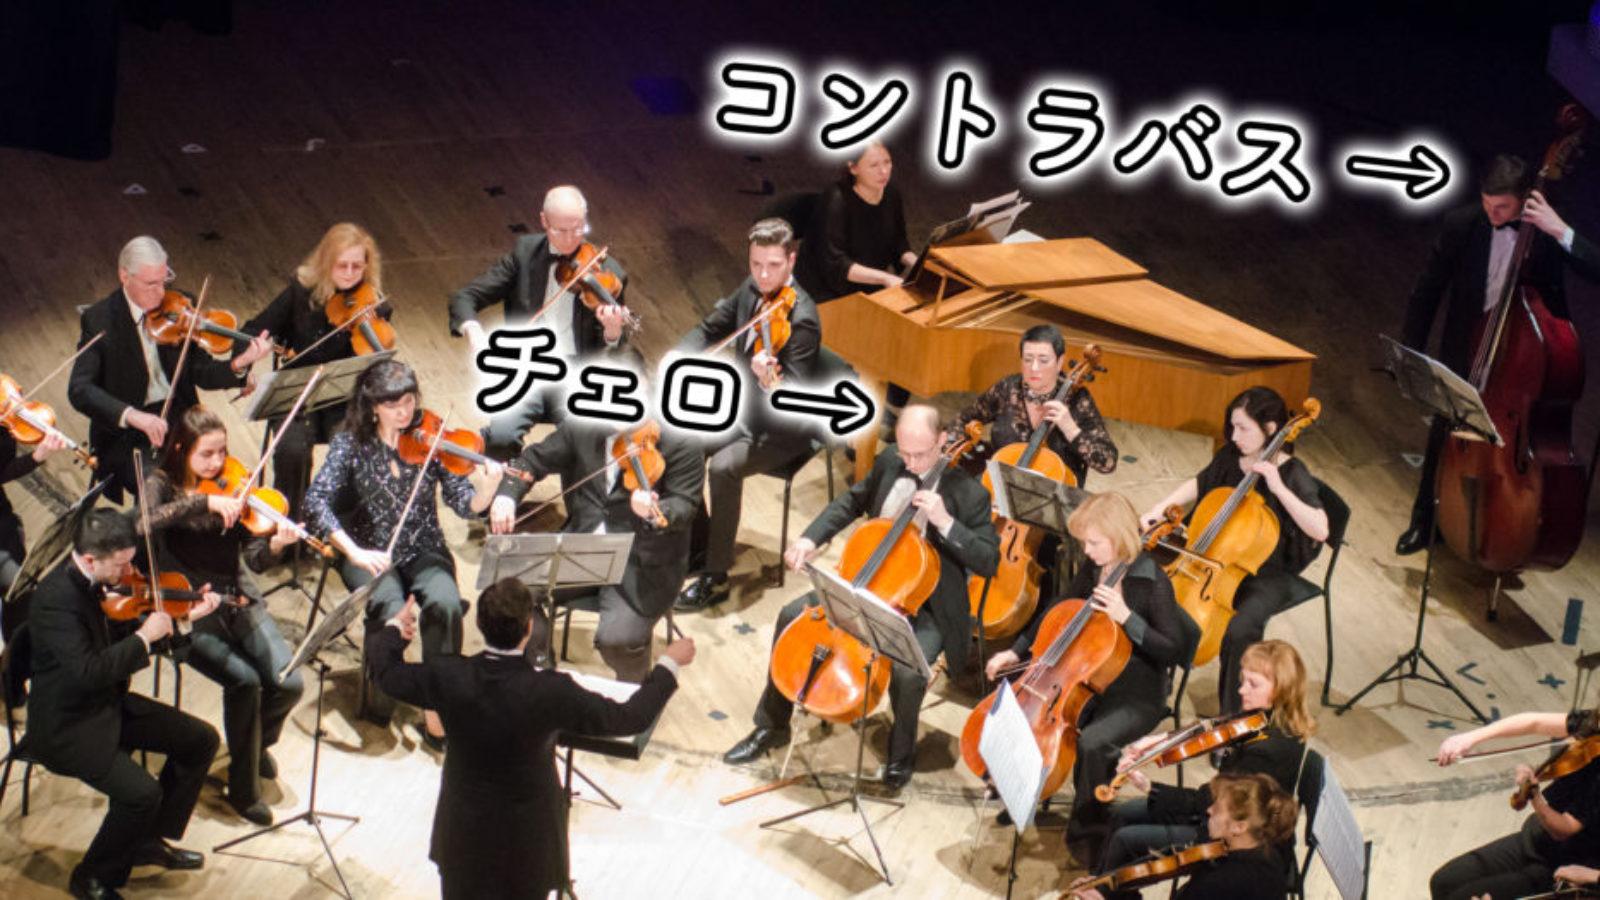 【チェロとコントラバス】見分け方、音域の違いは?デュオ(二重奏)の曲もご紹介!